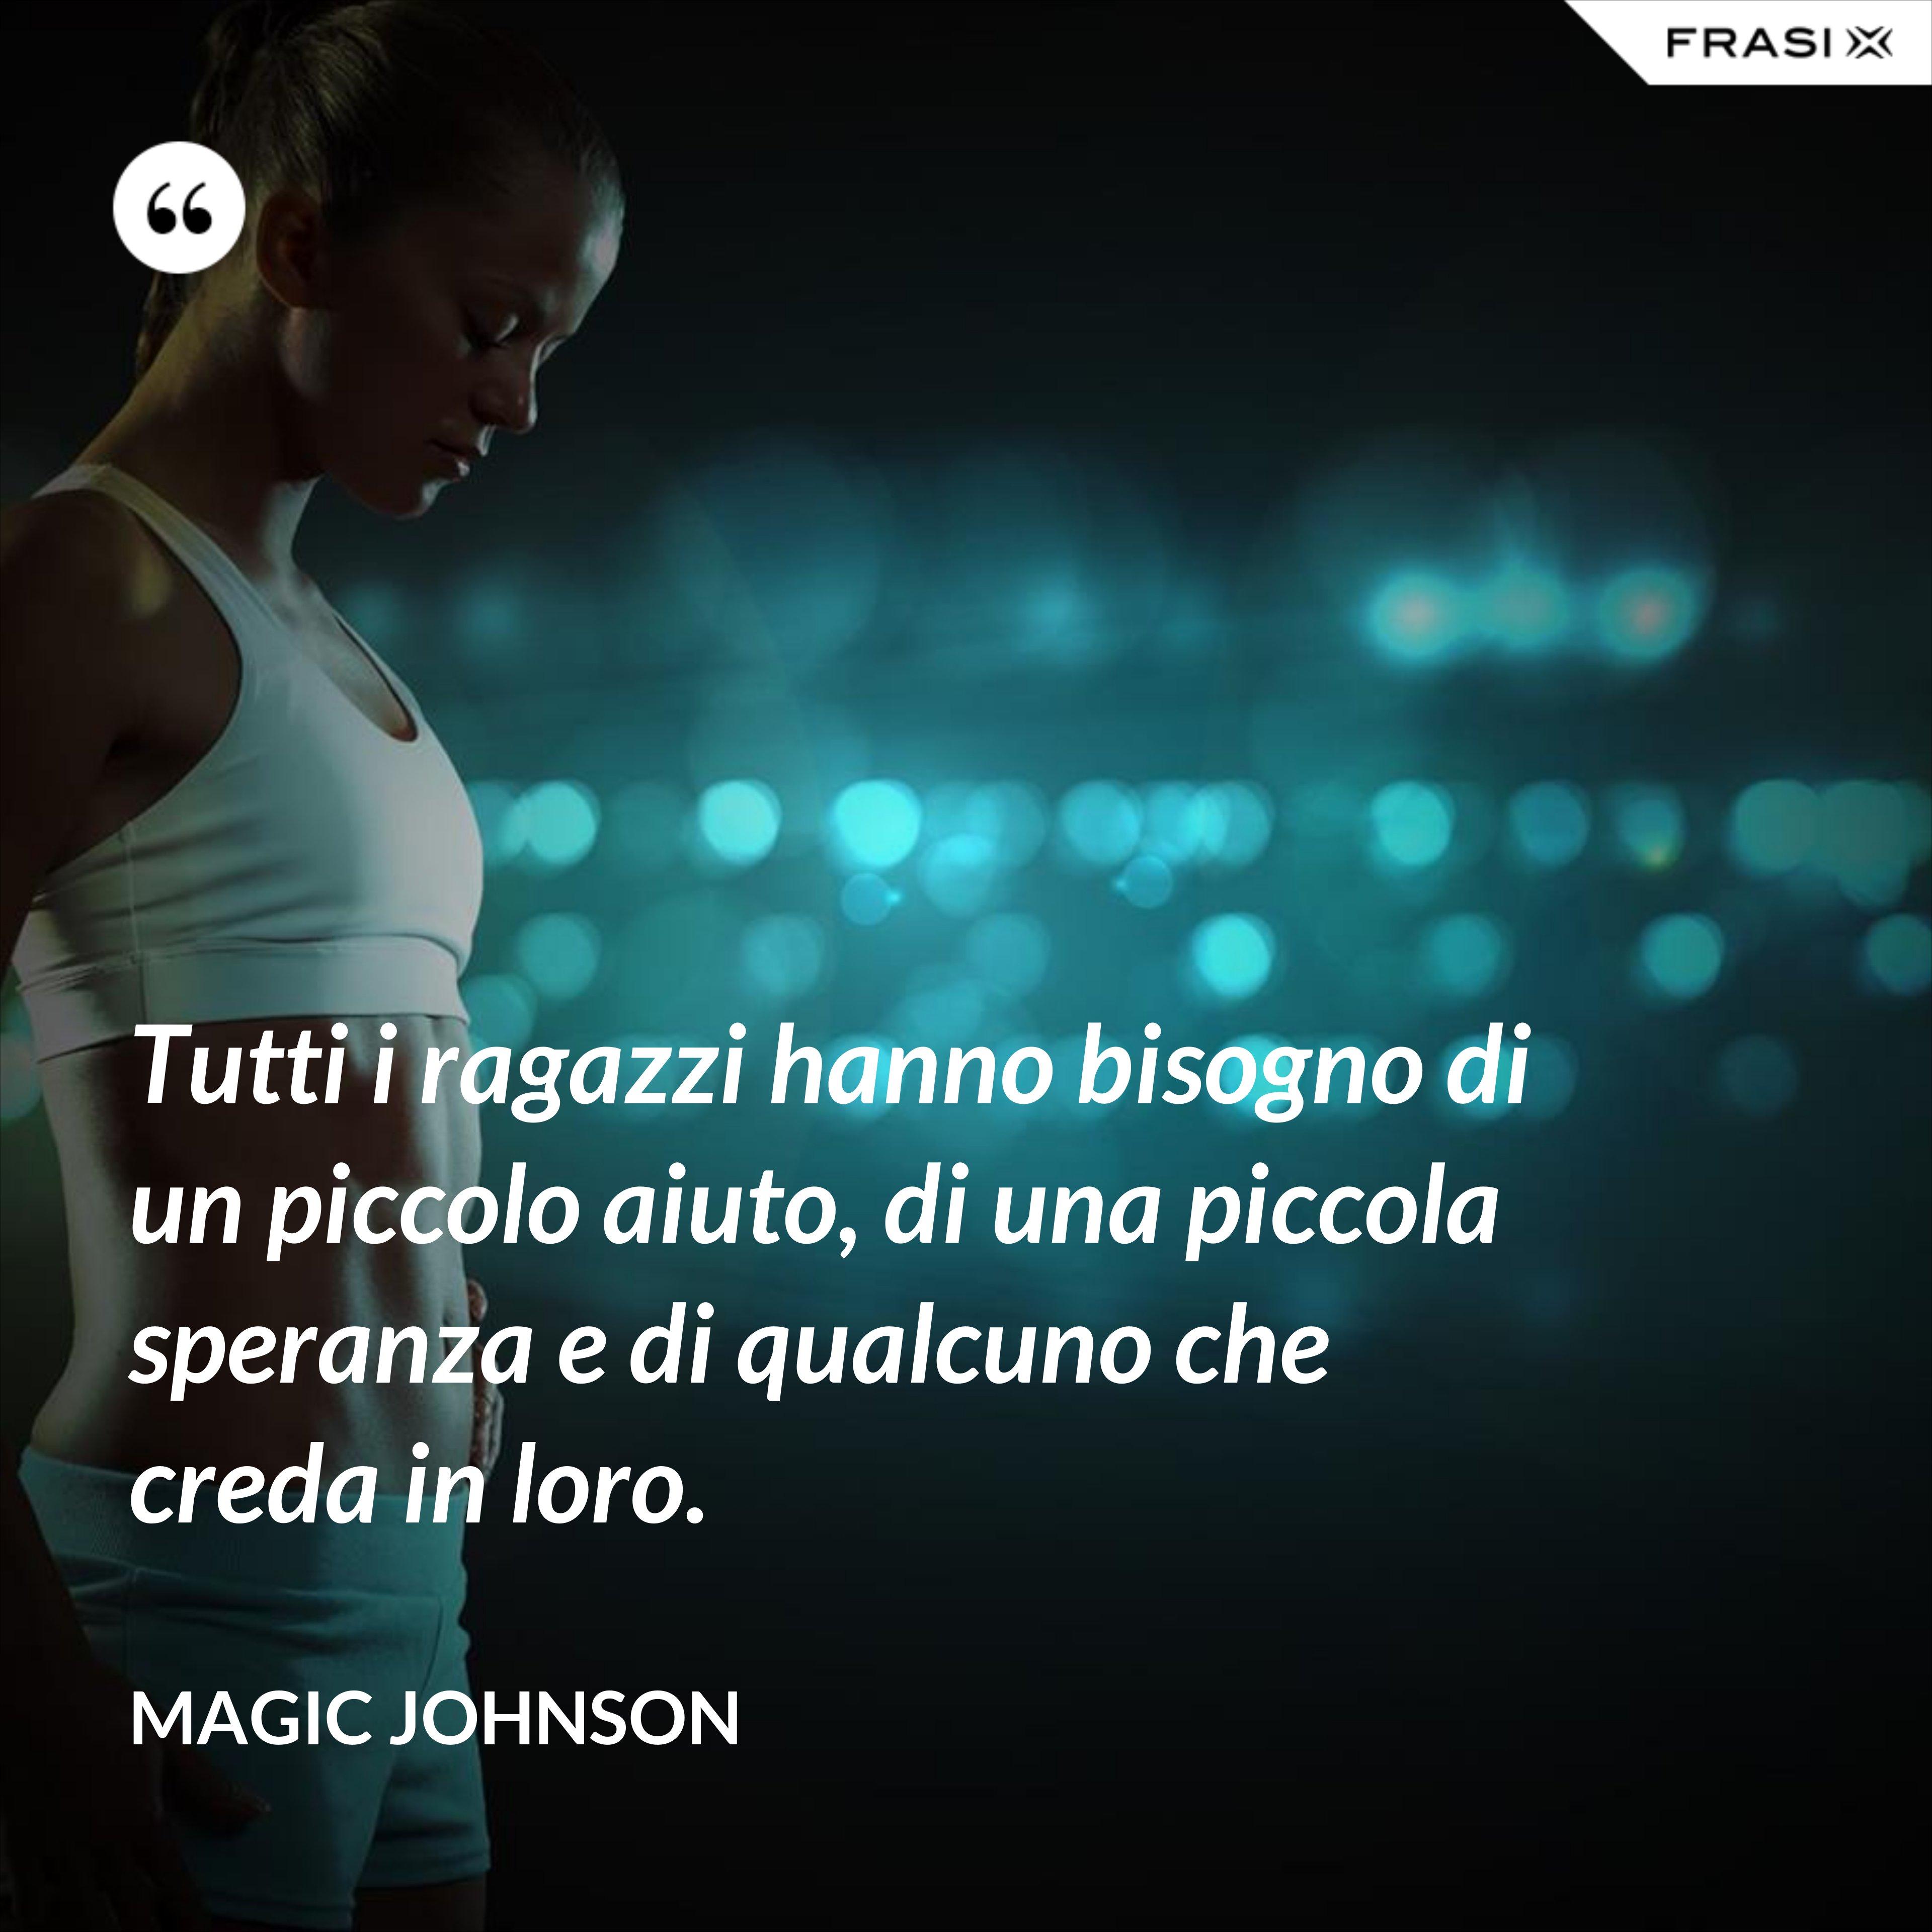 Tutti i ragazzi hanno bisogno di un piccolo aiuto, di una piccola speranza e di qualcuno che creda in loro. - Magic Johnson